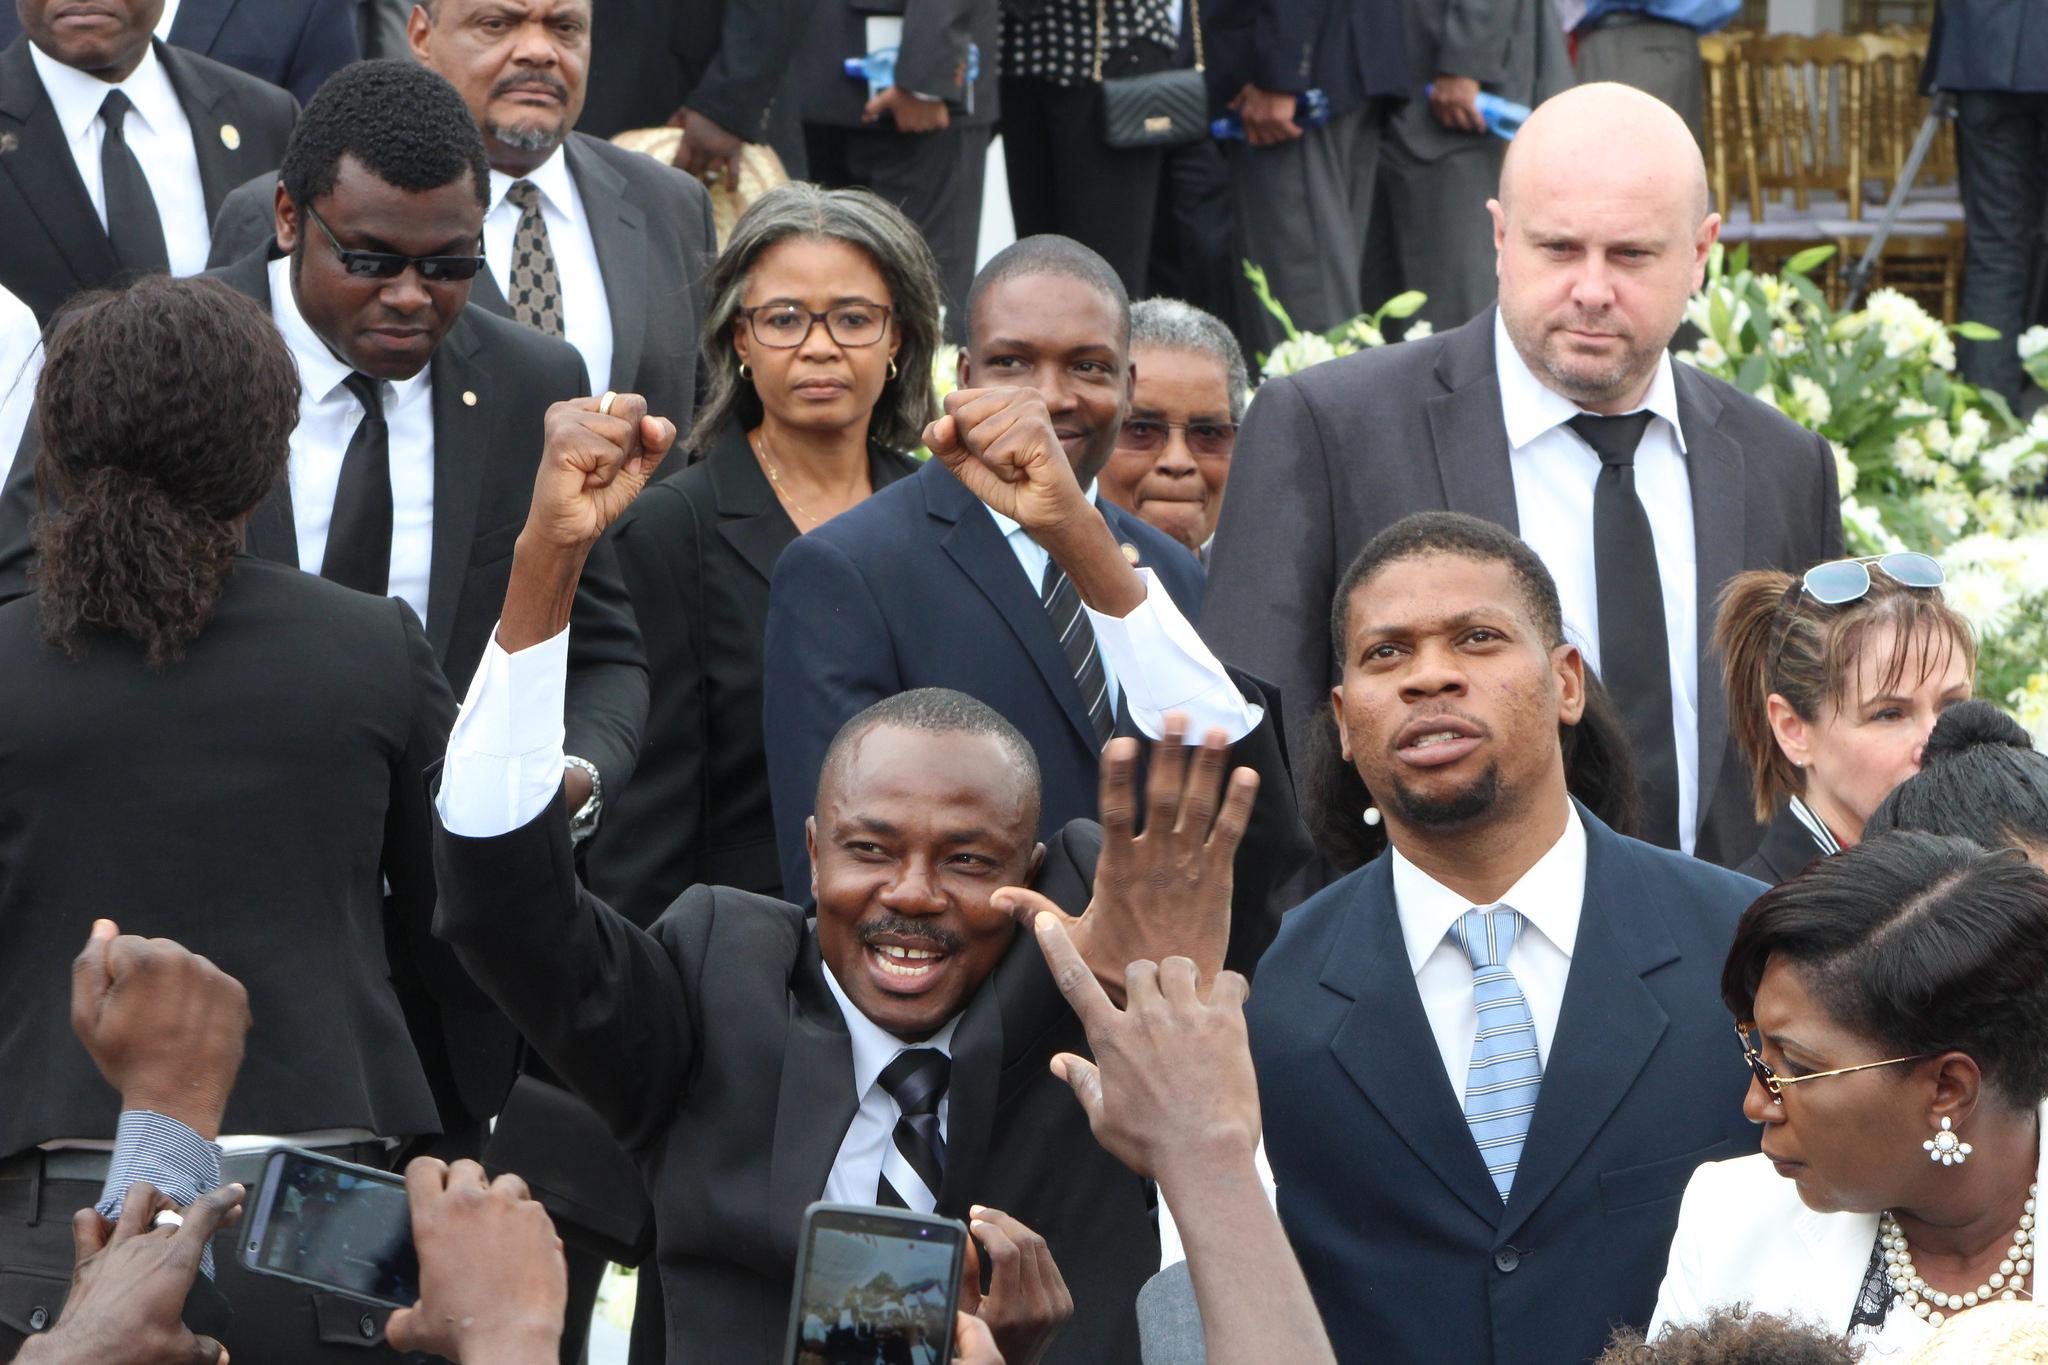 L'arrivée aux funérailles de l'ancien sénateur et candidat à la présidence Moïse Jean-Charles. PHOTO: Daniel Tercier/Haïti Liberté